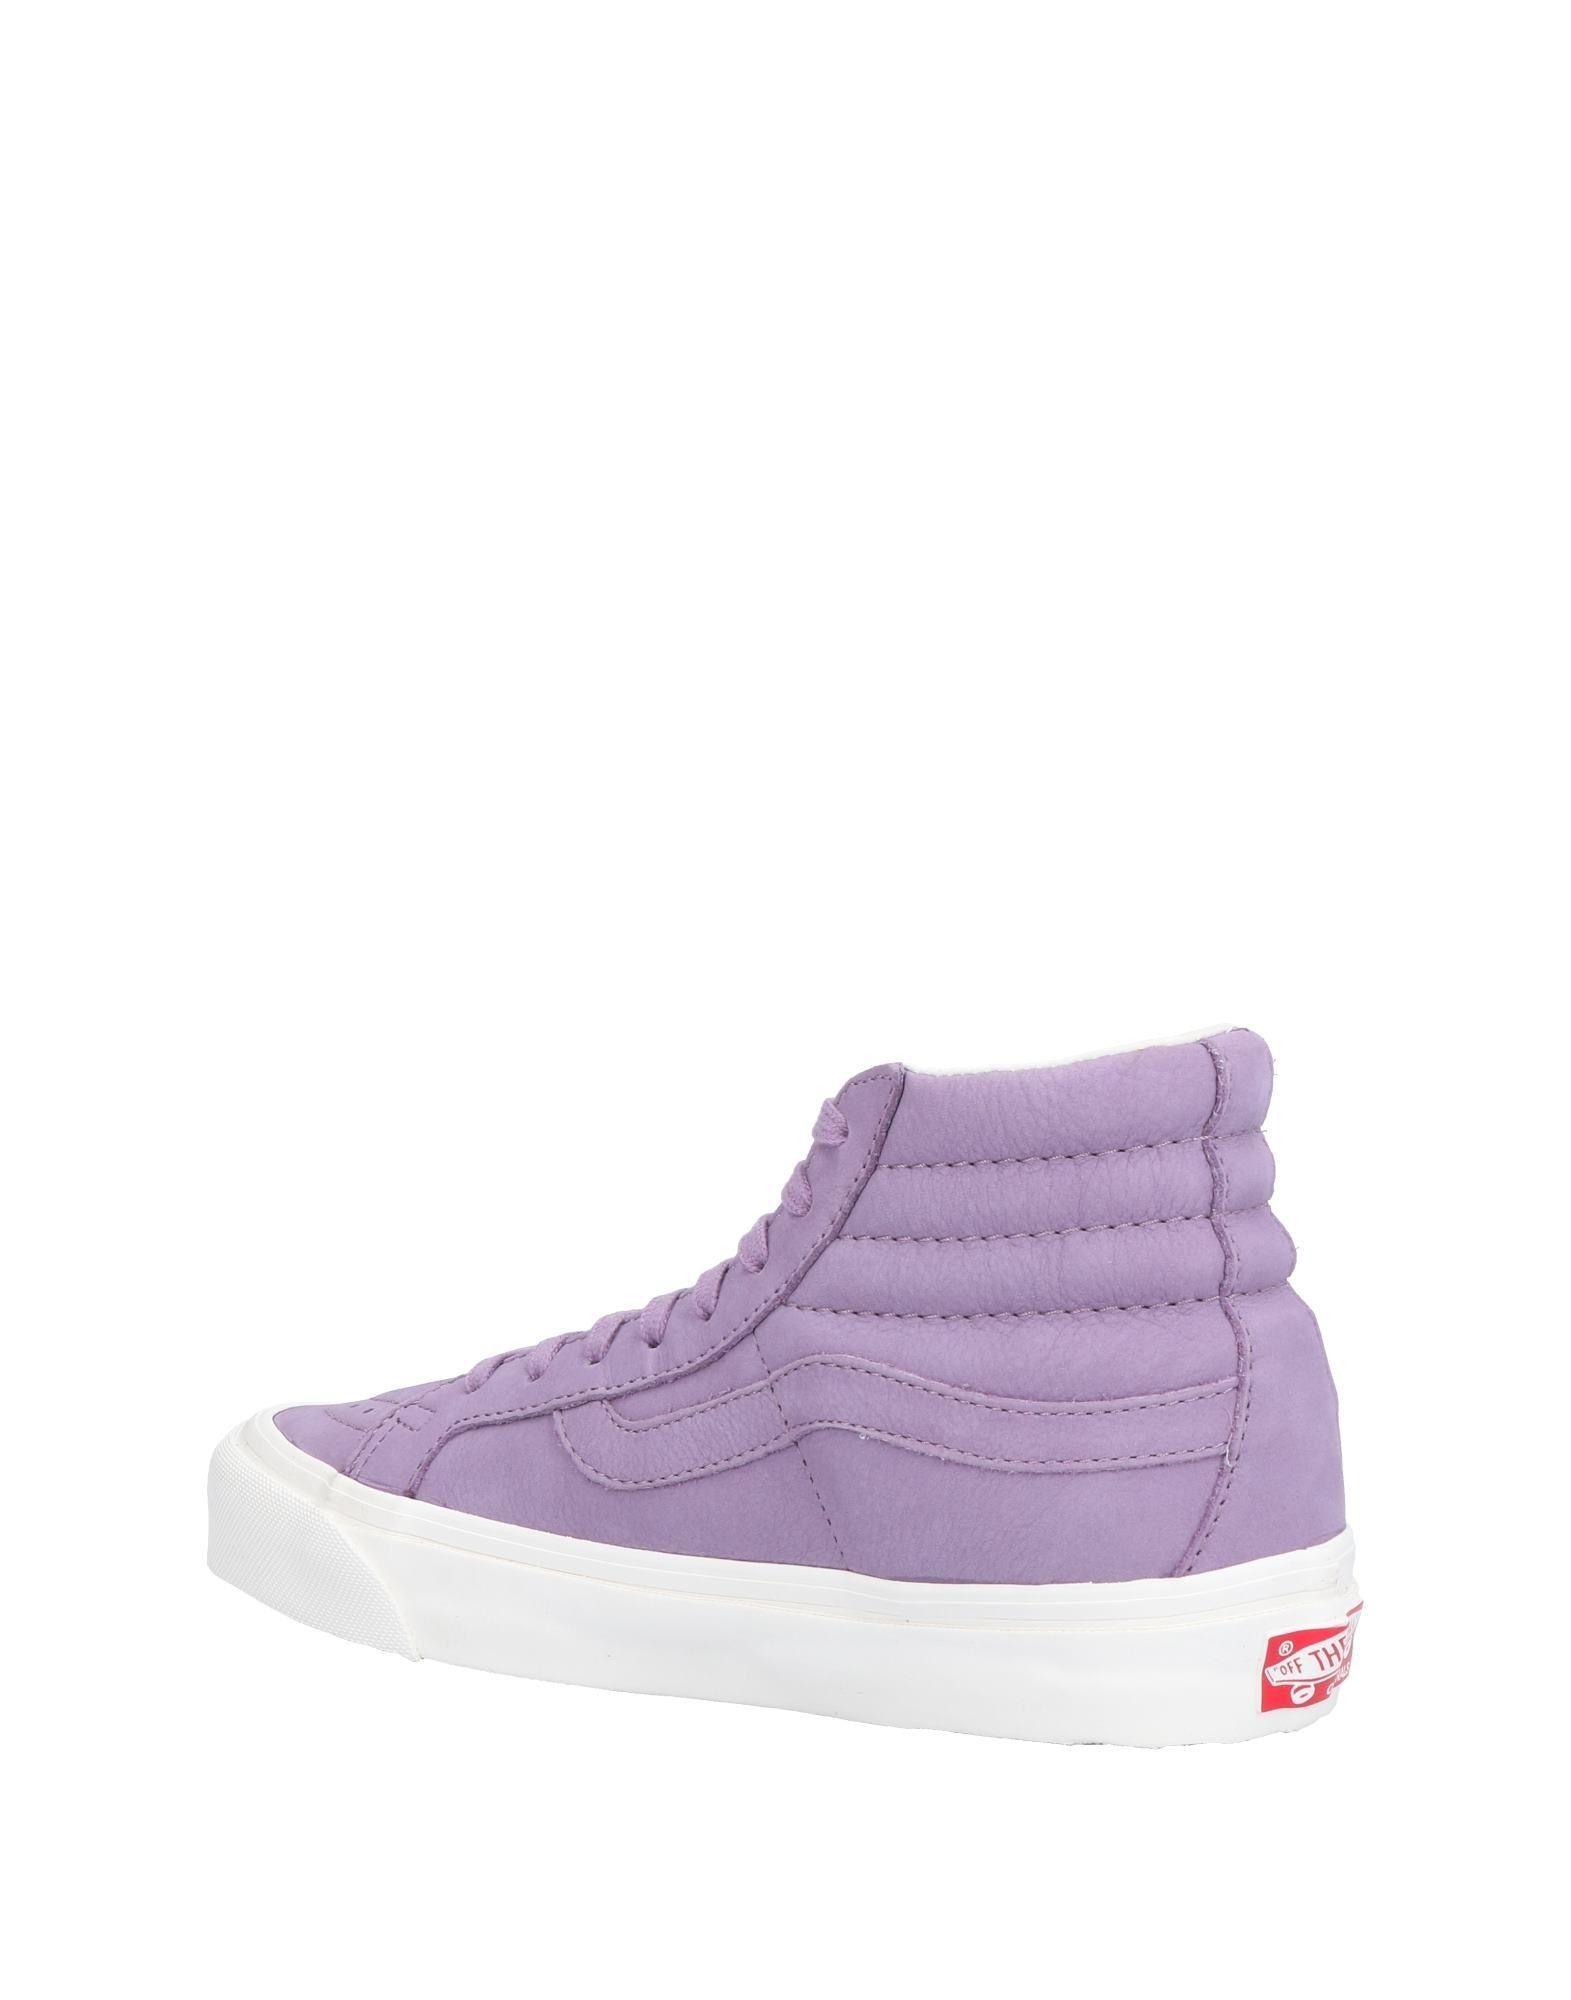 Billig-1953,Vans es Sneakers Damen Gutes Preis-Leistungs-Verhältnis, es Billig-1953,Vans lohnt sich d58f0d